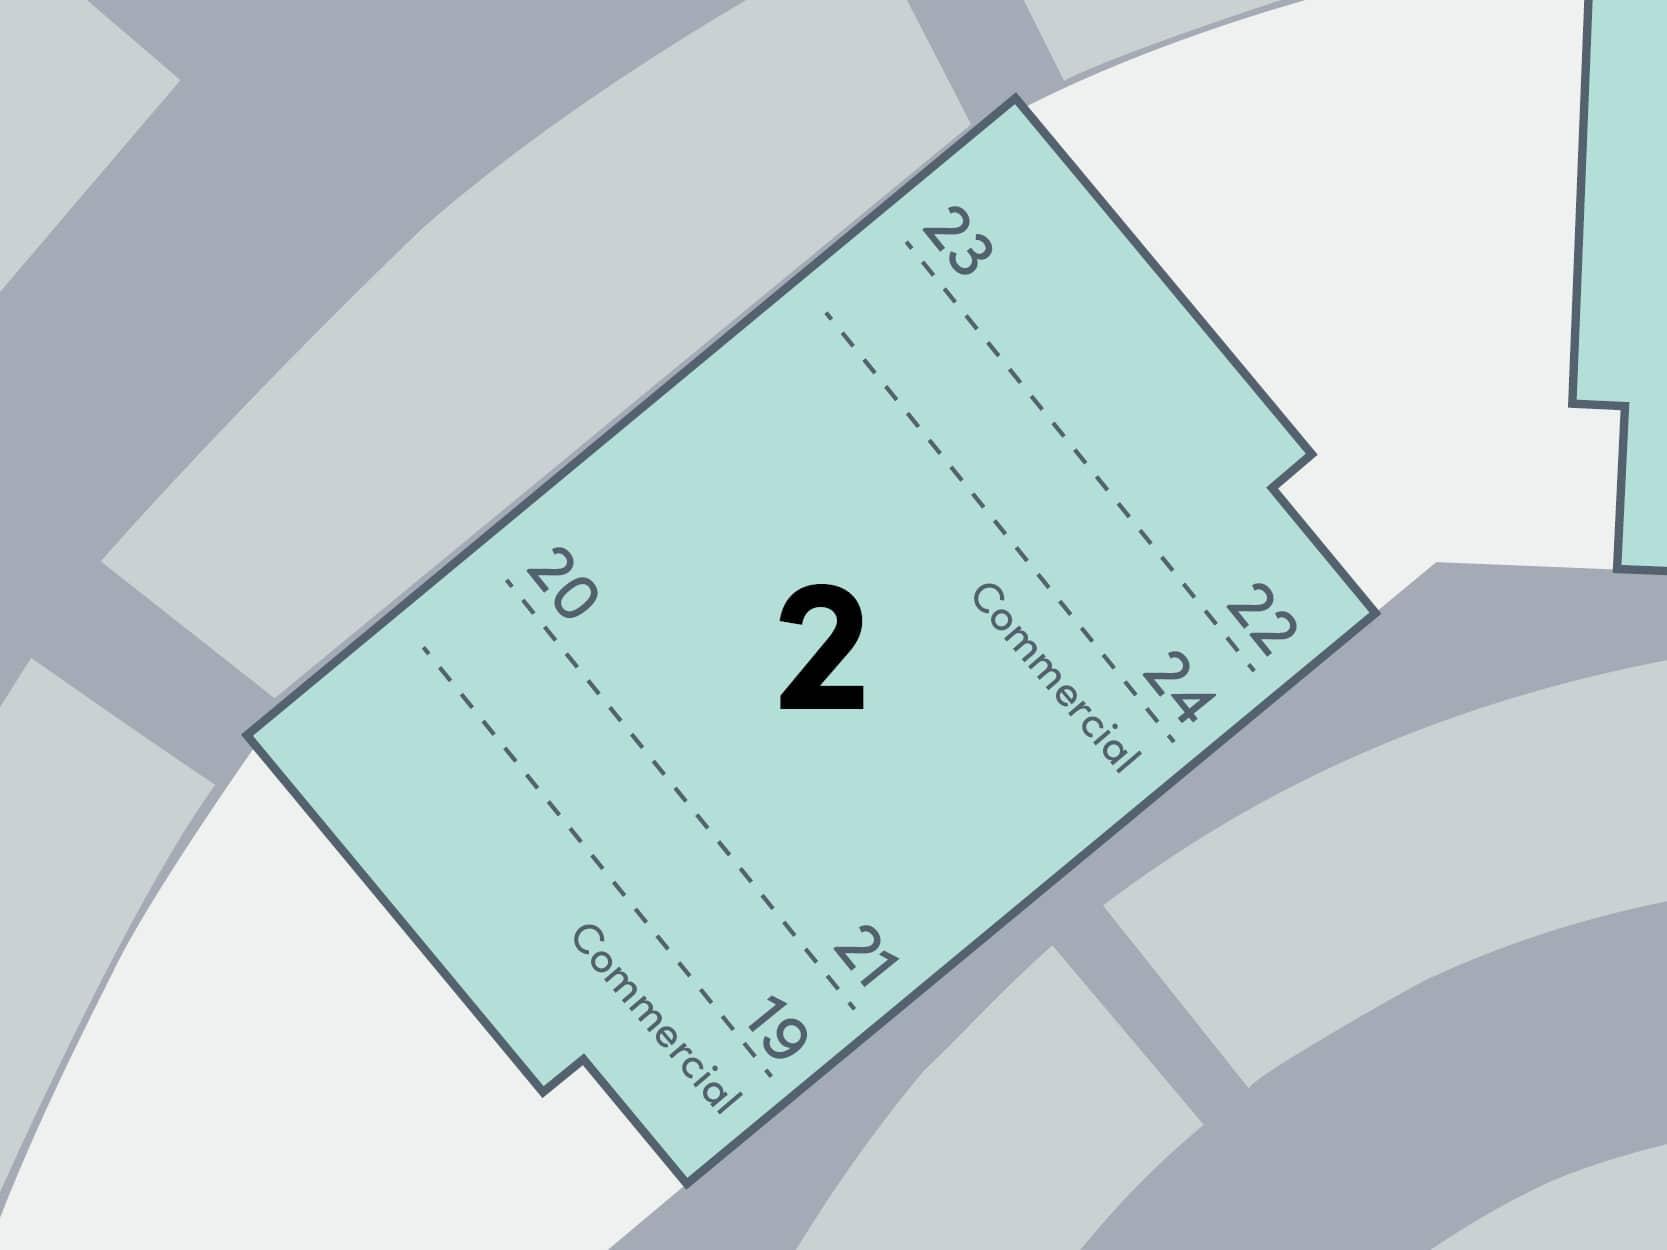 BuildingV2